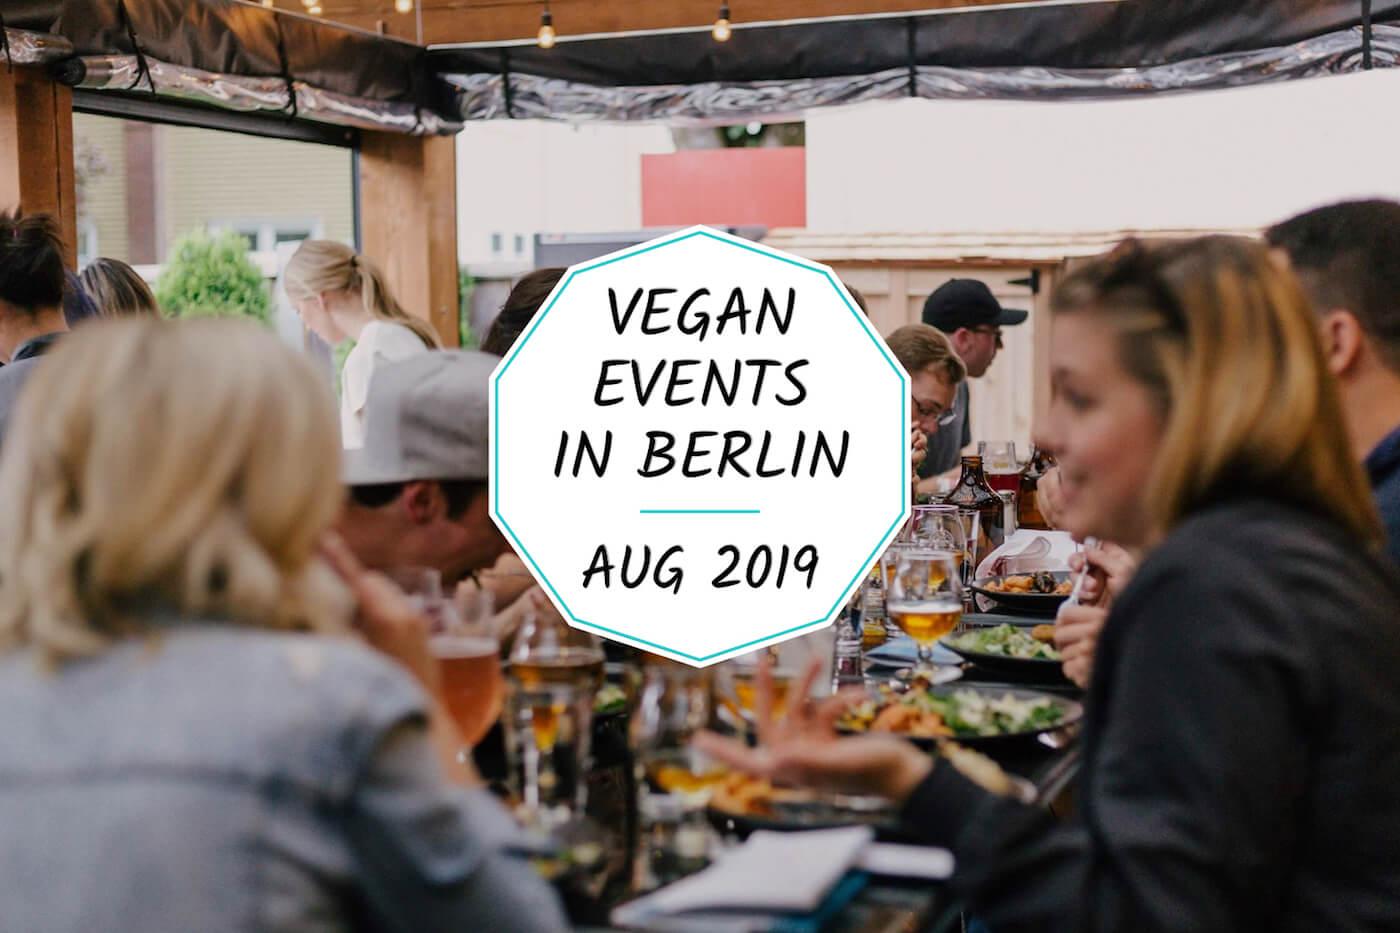 Vegan Events in Berlin - August 2019